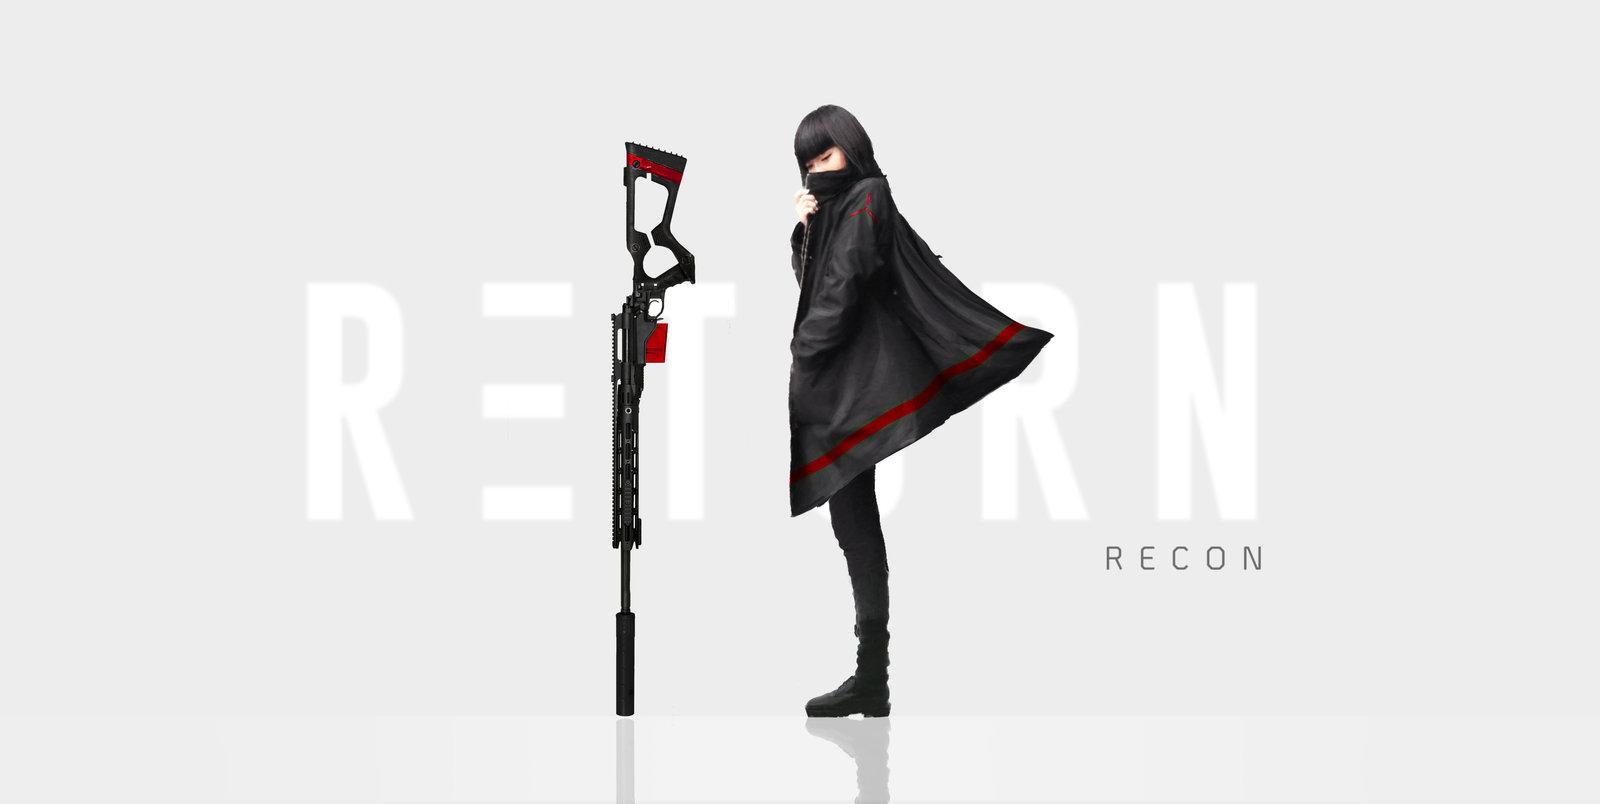 RECON GIRL